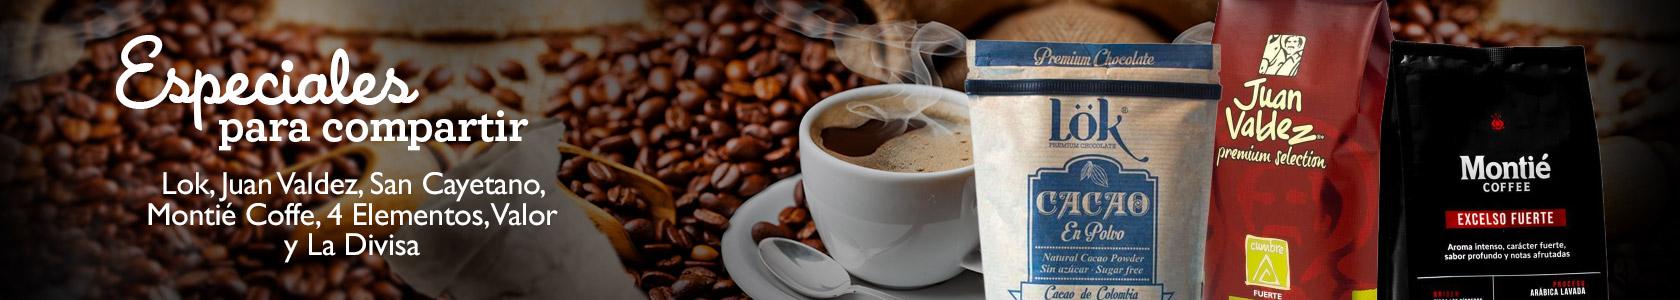 Cafés  - plata